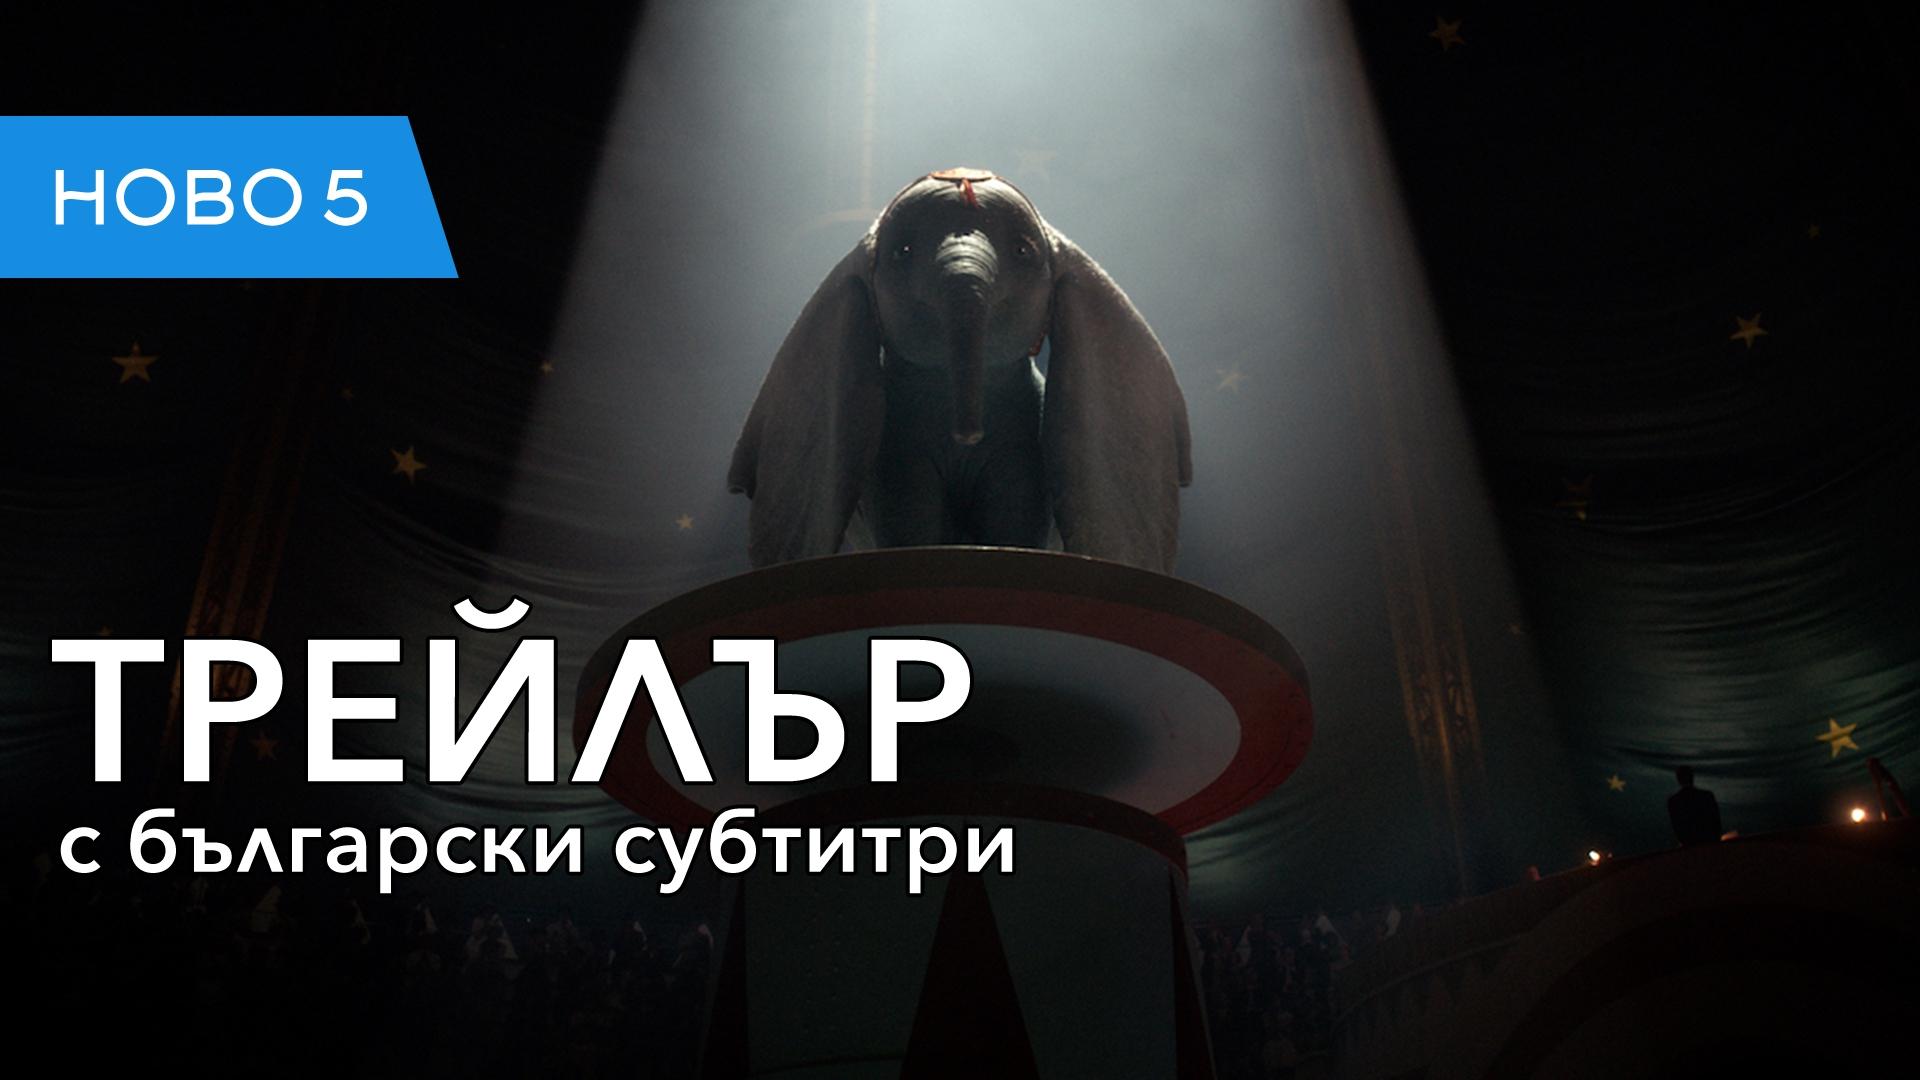 Дъмбо (2019) трейлър с български субтитри